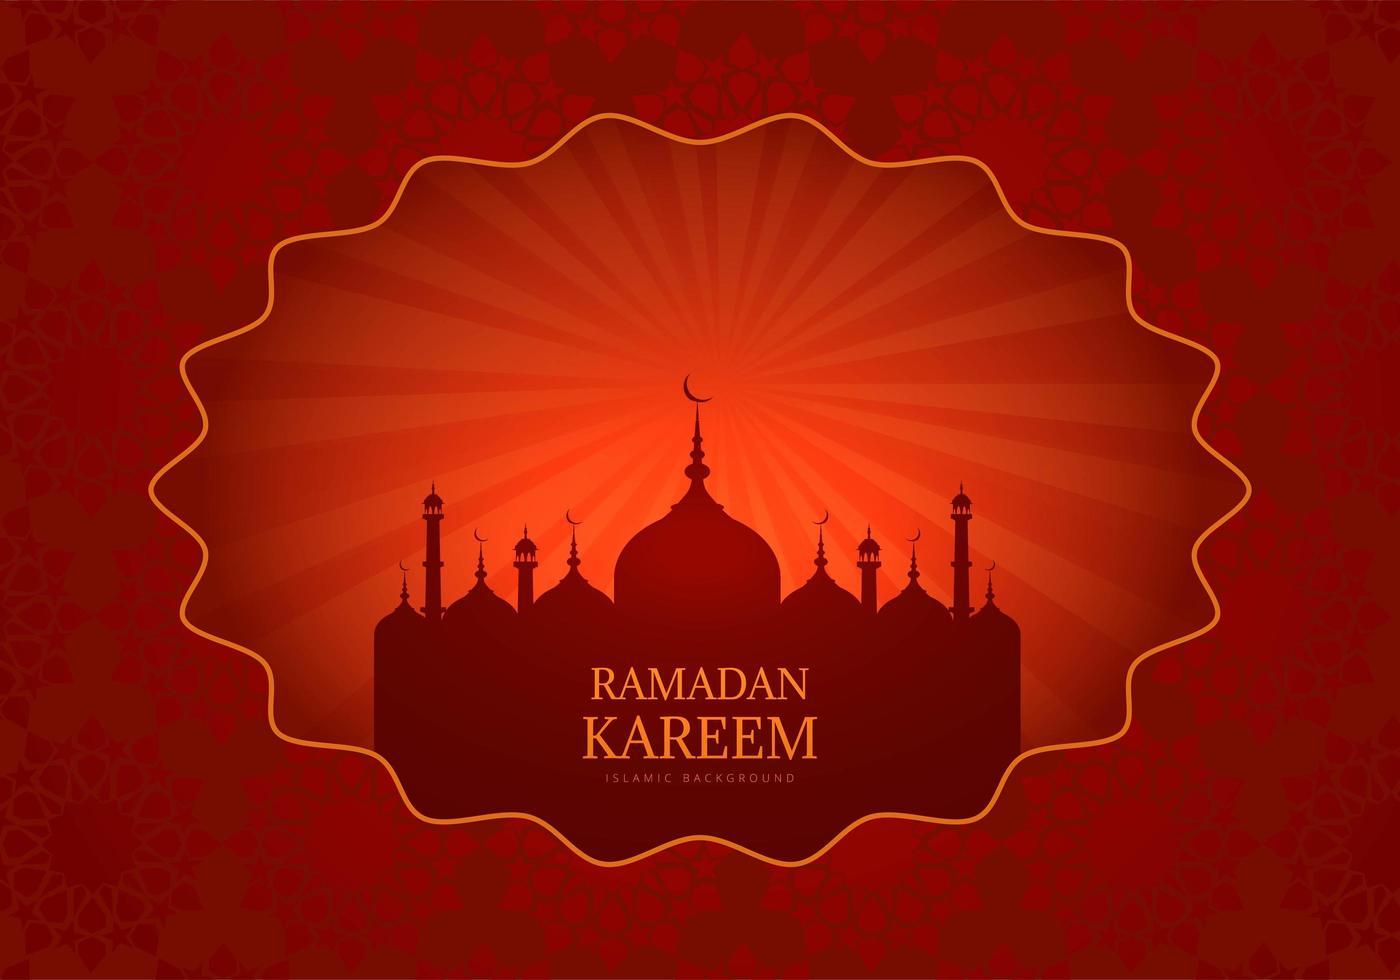 carta di ramadan kareem rosso con silhouette moschea incandescente vettore